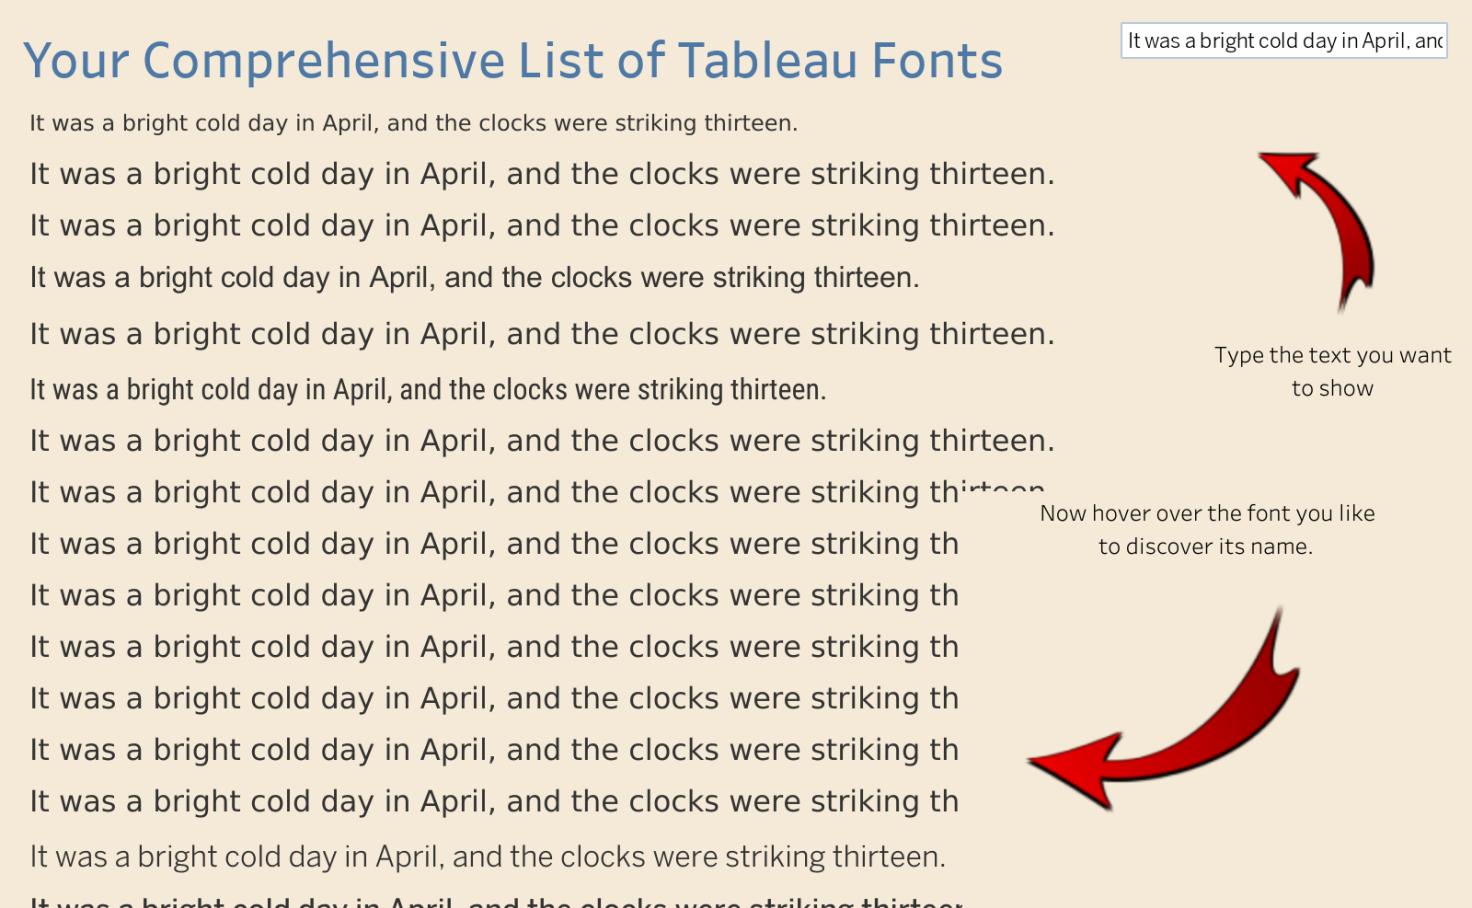 Tableau Fonts - Dan Harrison | Tableau Public